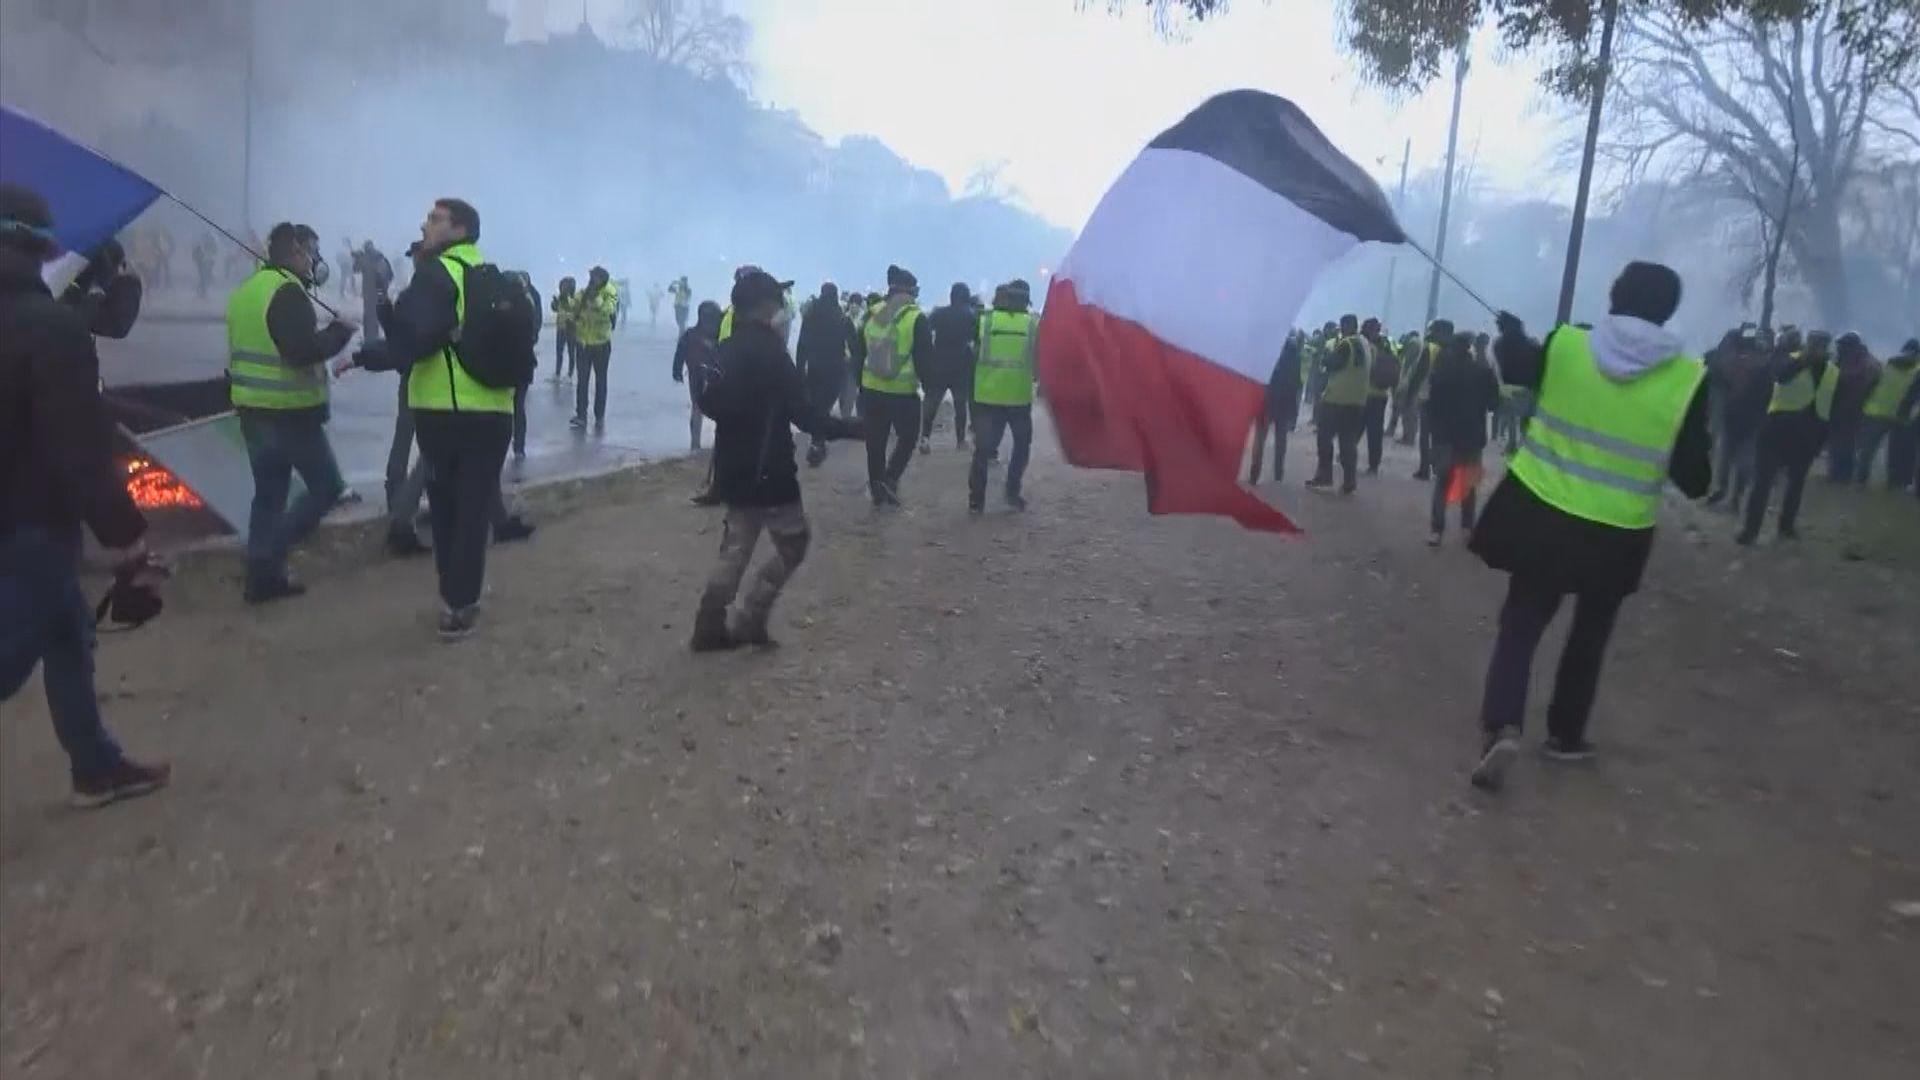 分析指法國示威揭示城市和鄉郊的深層次矛盾